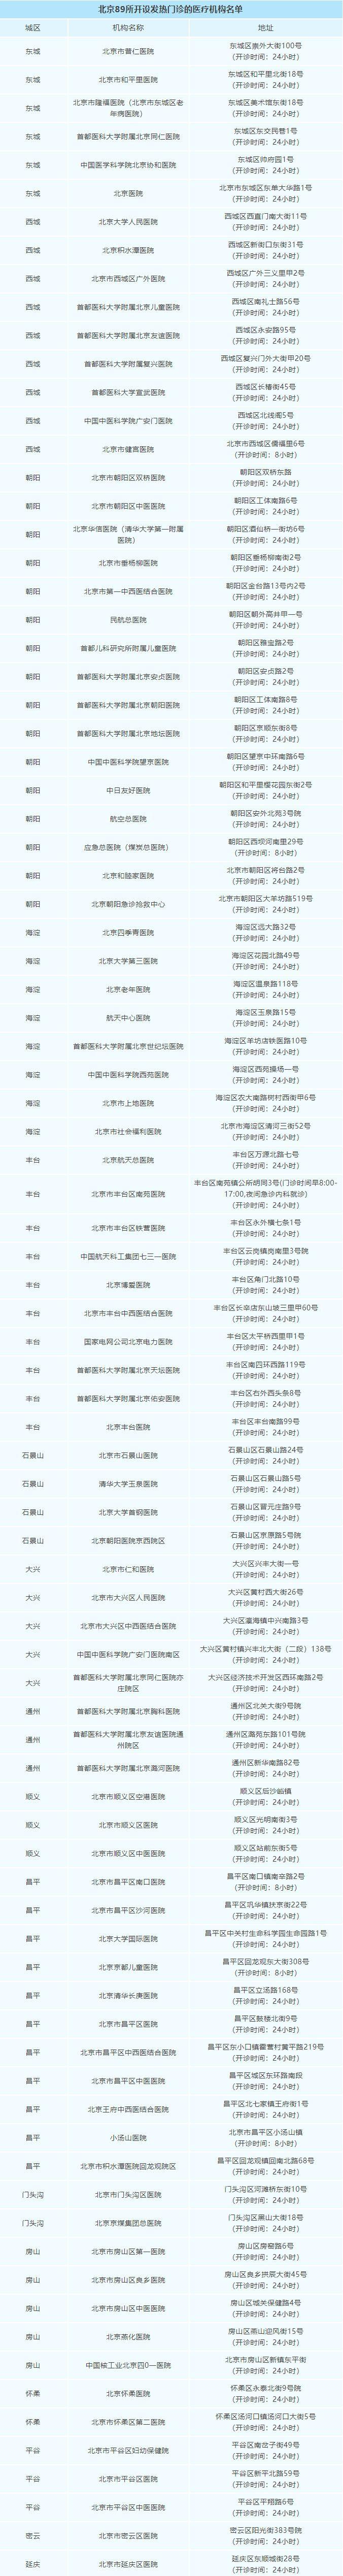 北京市卫健委发布发热患者就诊指南图片